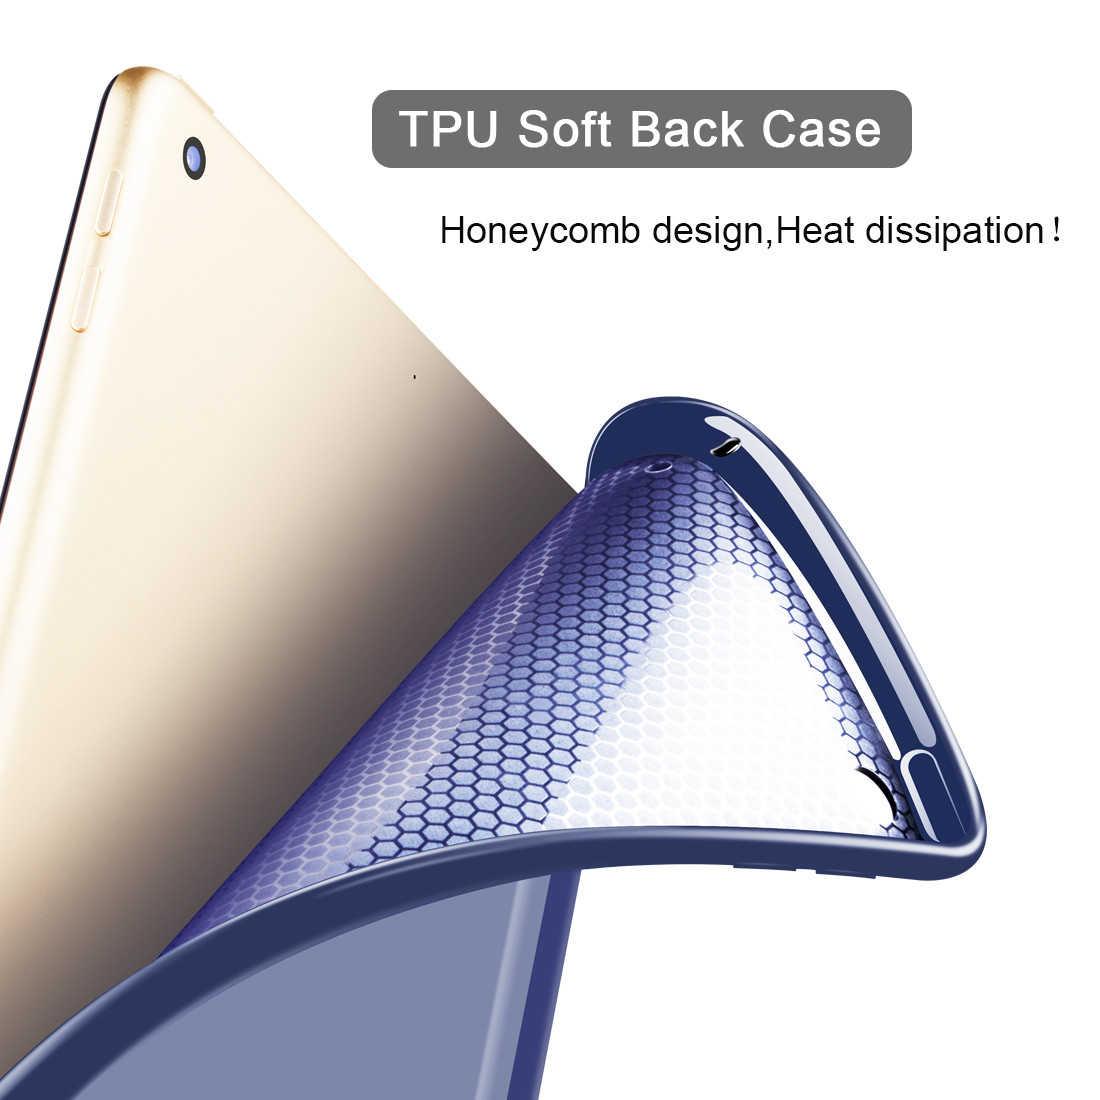 """حافظة لجهاز iPad 2 3 4 PU جلد سيليكون ناعم ثلاثي الطي غطاء ذكي لجهاز iPad 4 3 2 9.7 """"فوندا فوليو ستاند مع النوم التلقائي/ويك"""